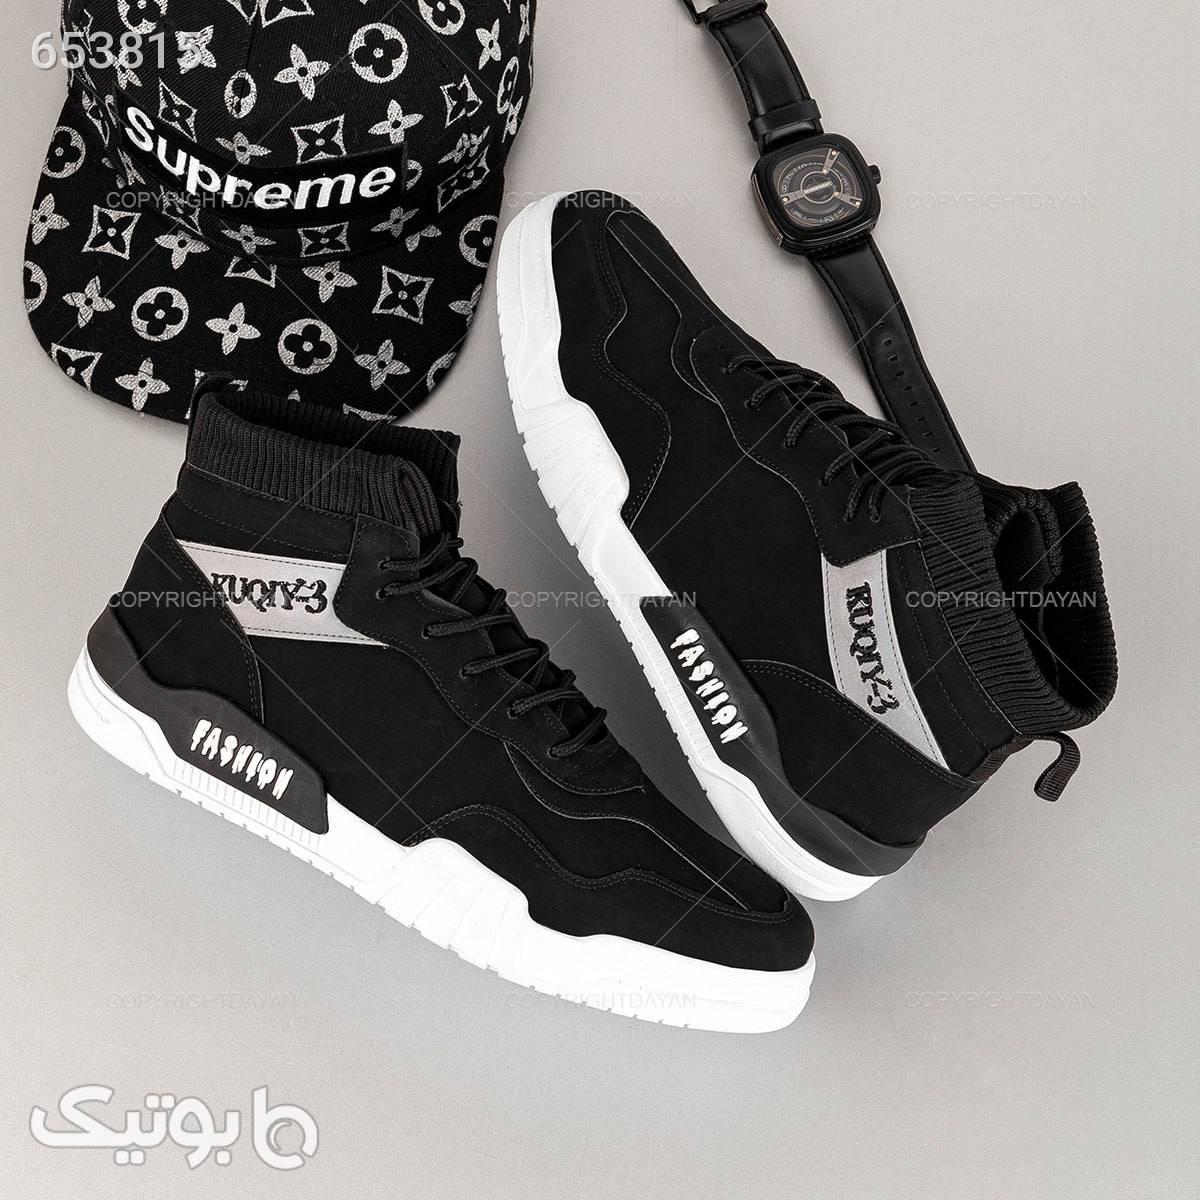 کفش ساقدار مردانه Fashion مدل 16720 مشکی كتانی مردانه